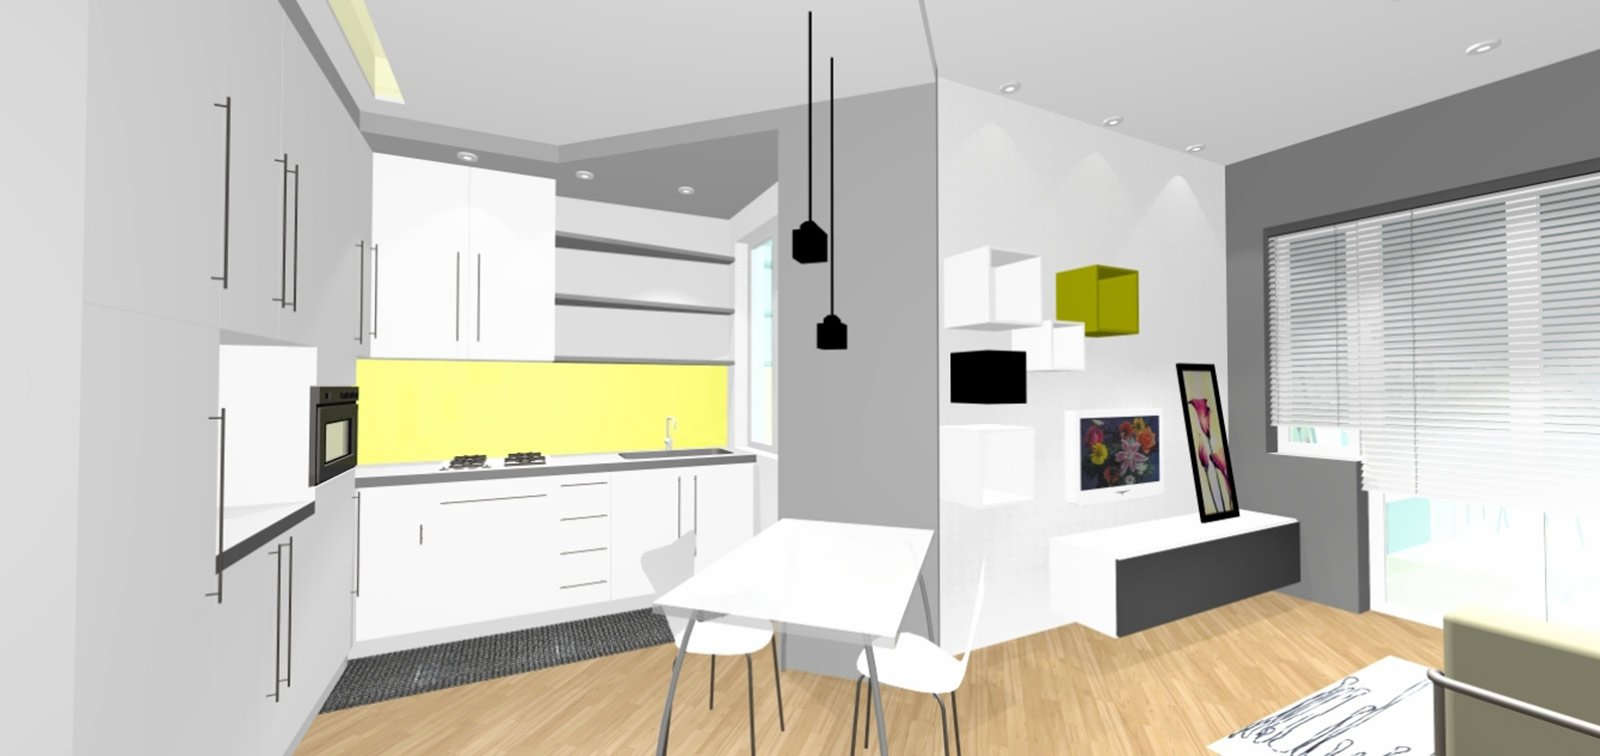 Bilocale con cucina a vista cose di casa - Cucina grigio scuro ...